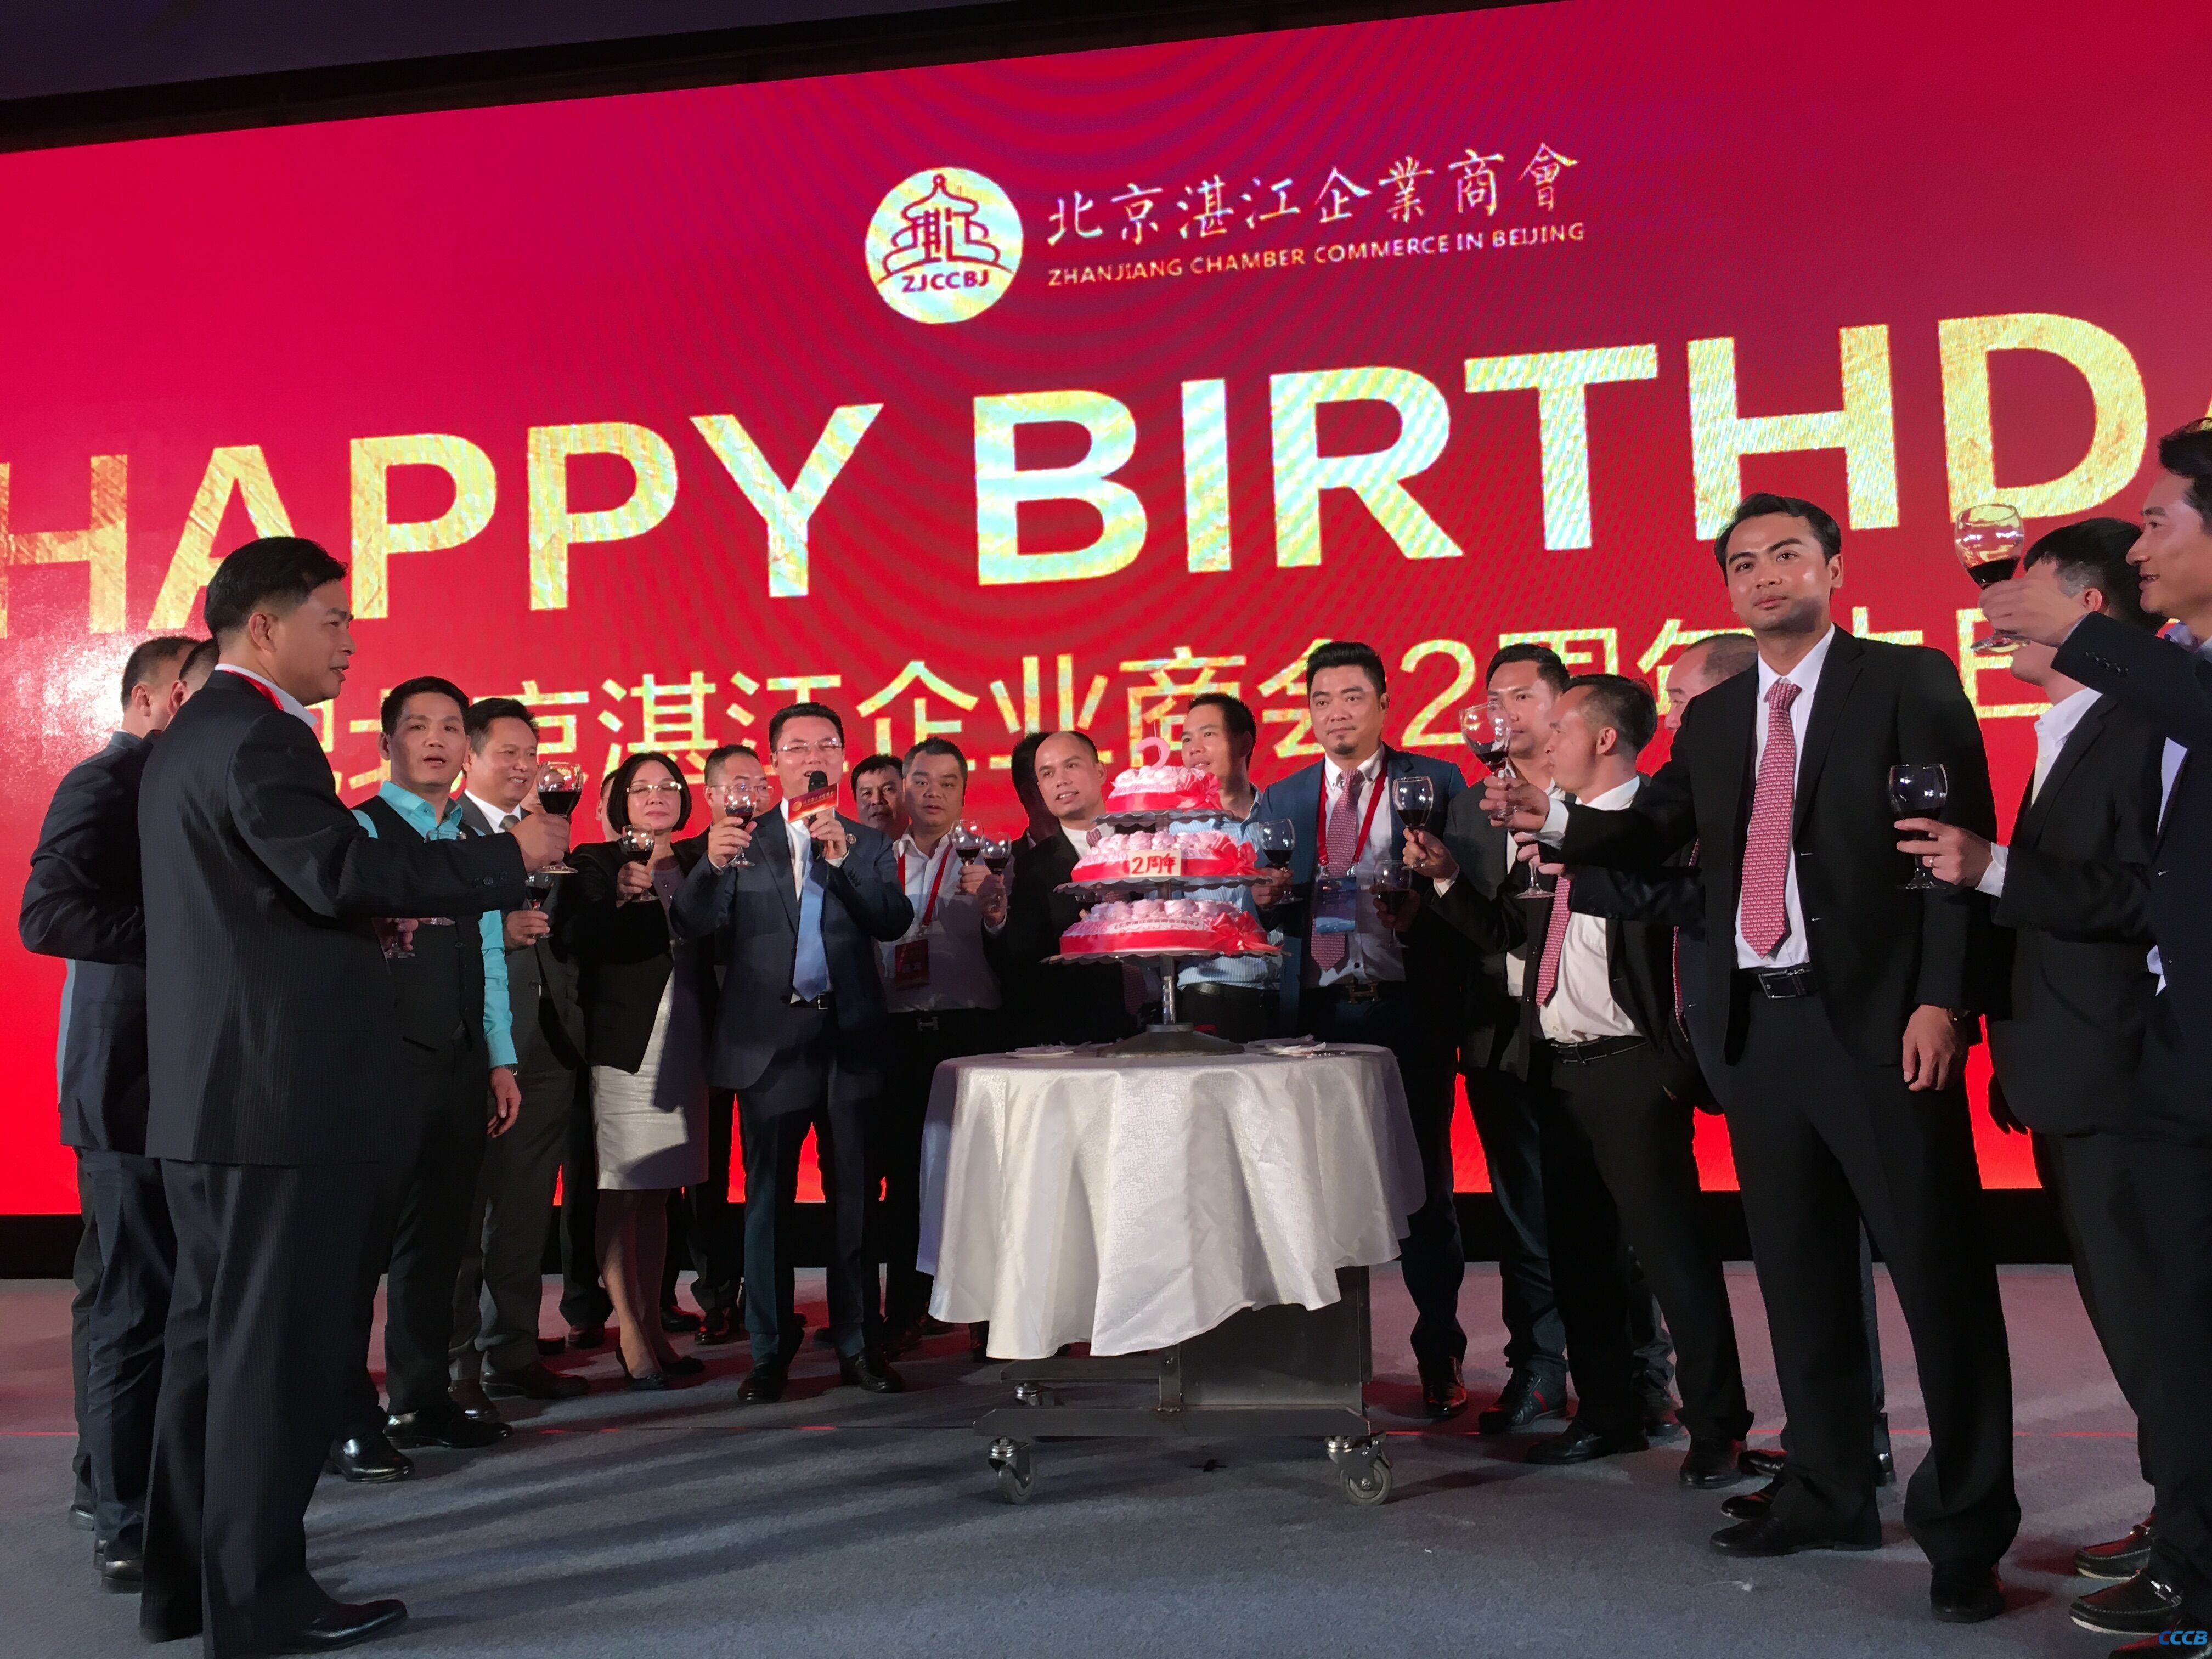 北京潮商会执行会长,国际潮籍博士联合会名誉会长陈才雄应邀出席中国